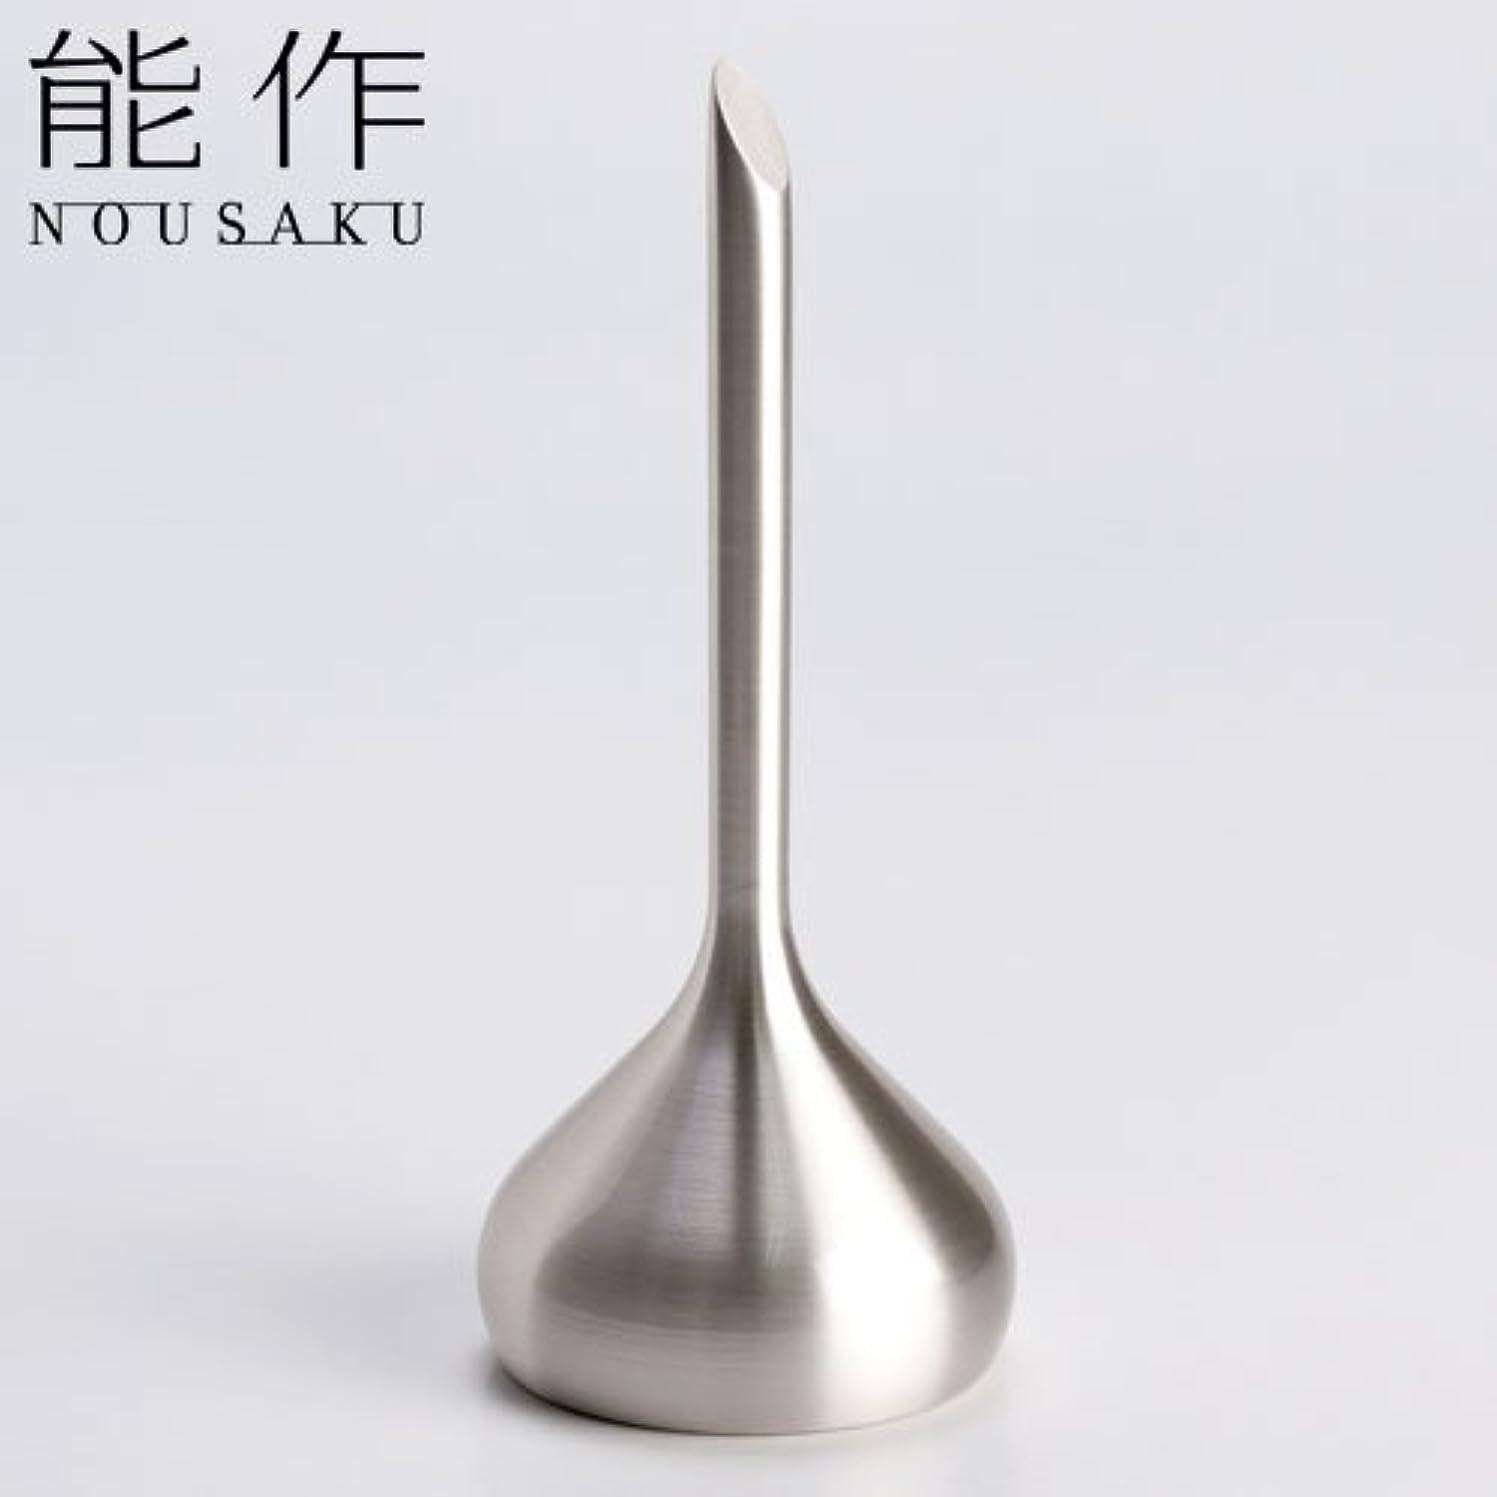 どんよりしたモッキンバードしょっぱい能作 ベル(呼び鈴)オニオンシルバー能作真鍮製のインテリア?ホームアクセサリー卓上ベル